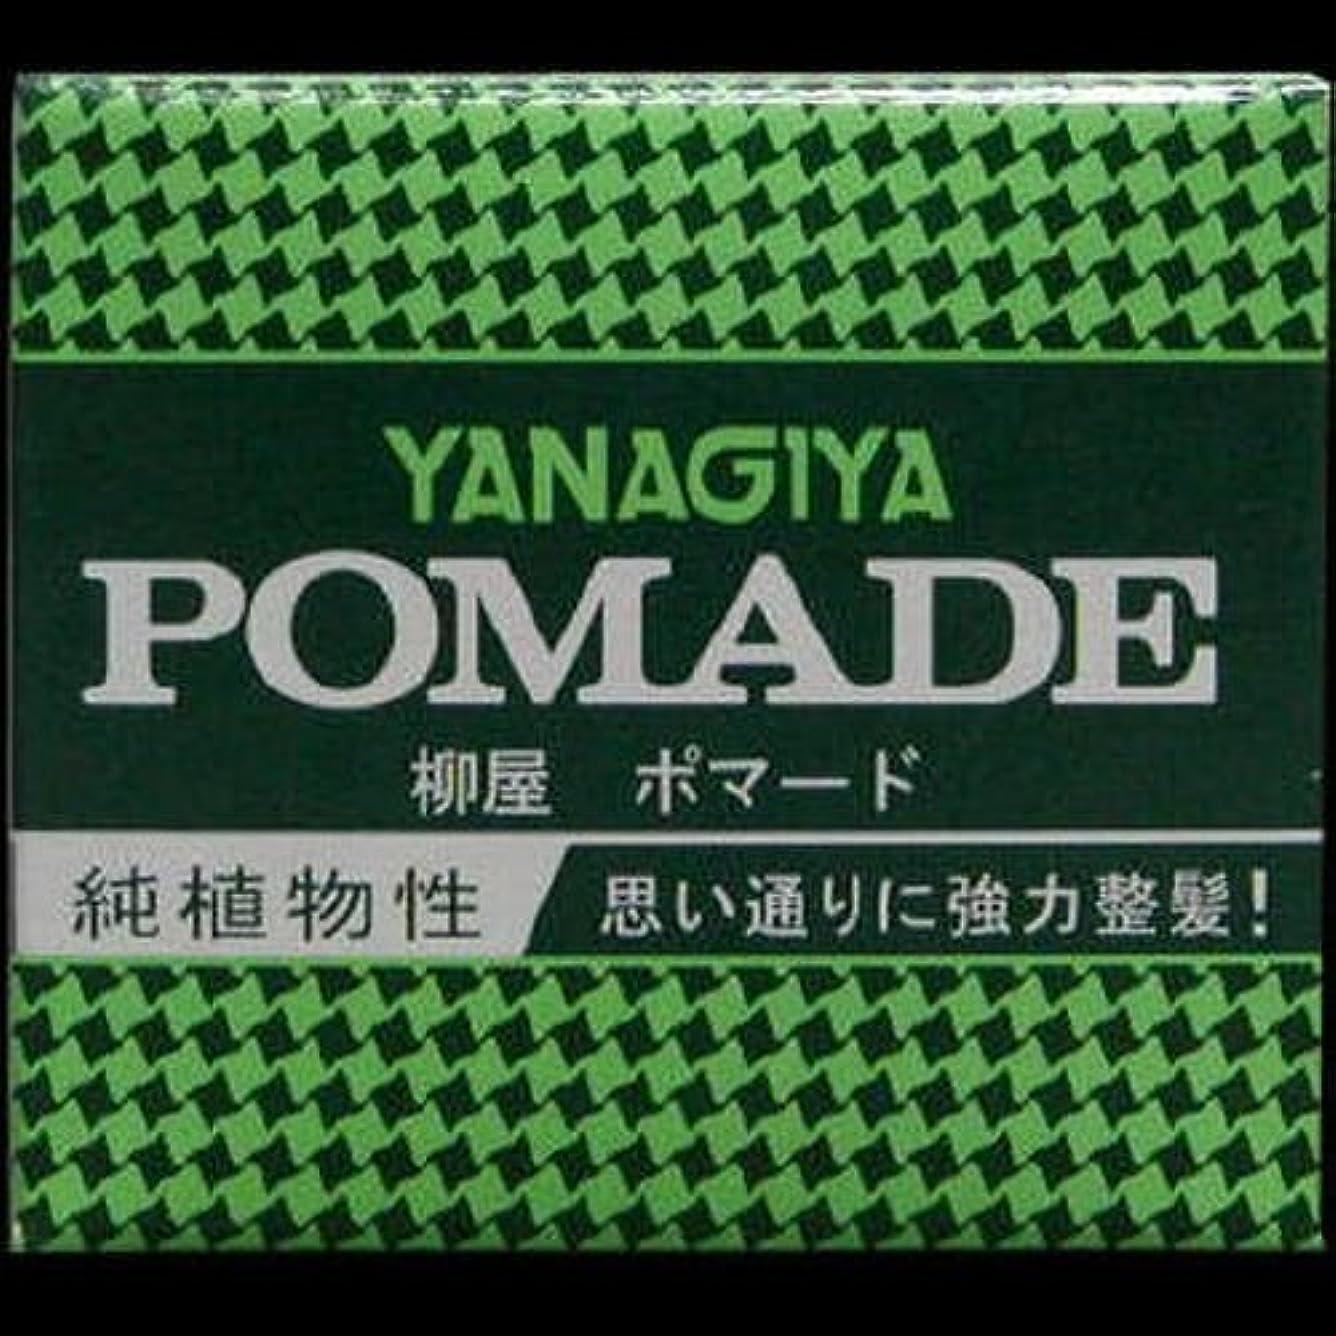 待って怪物干ばつ【まとめ買い】柳屋 ポマード小 63g ×2セット